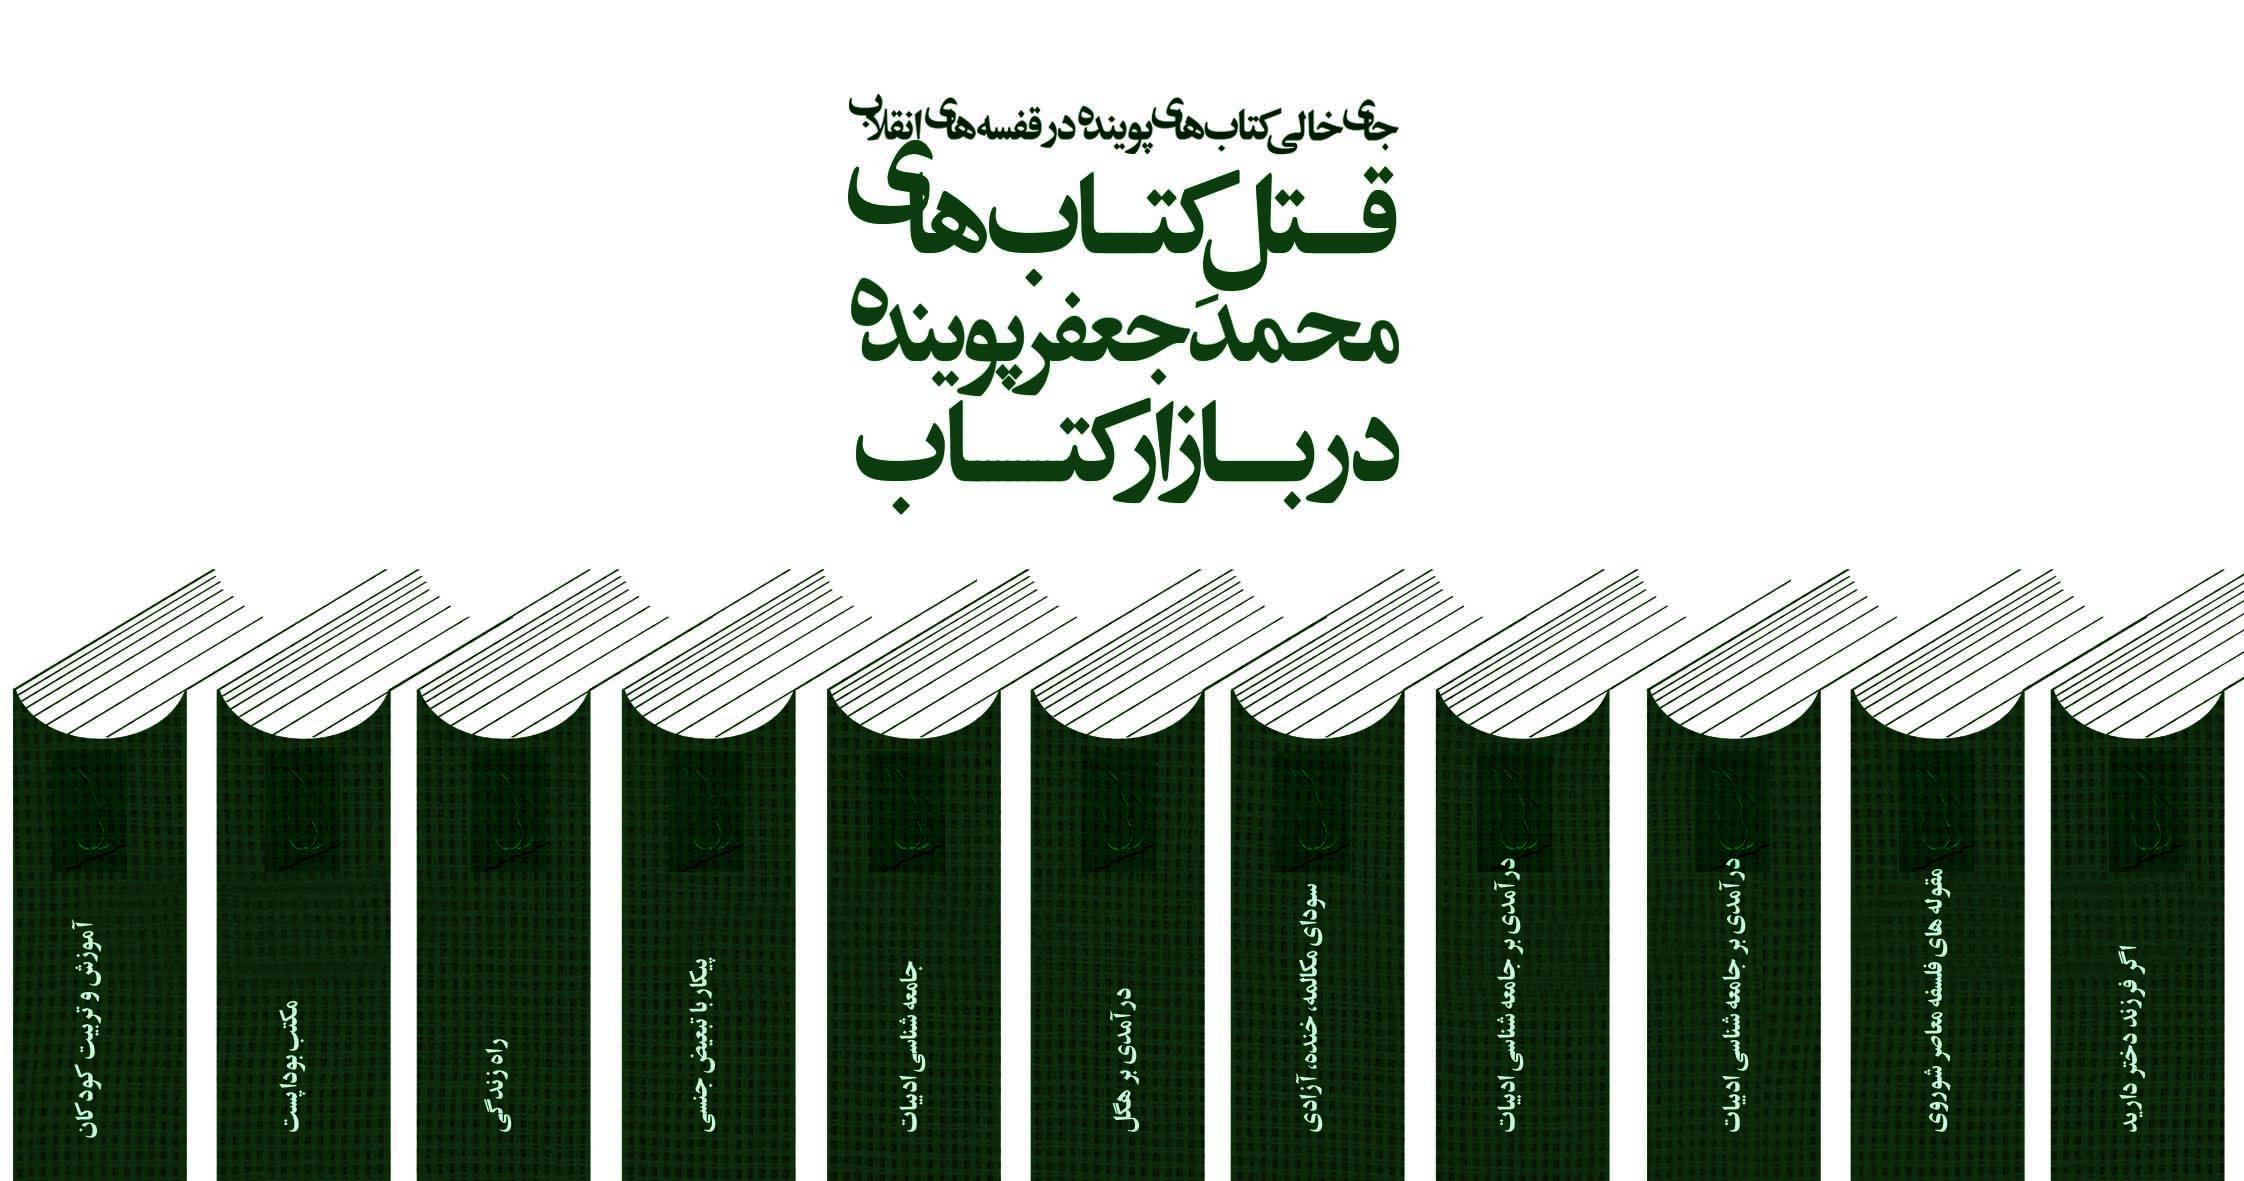 قتل ِ کتابهای محمدجعفر پوینده در بازار کتاب